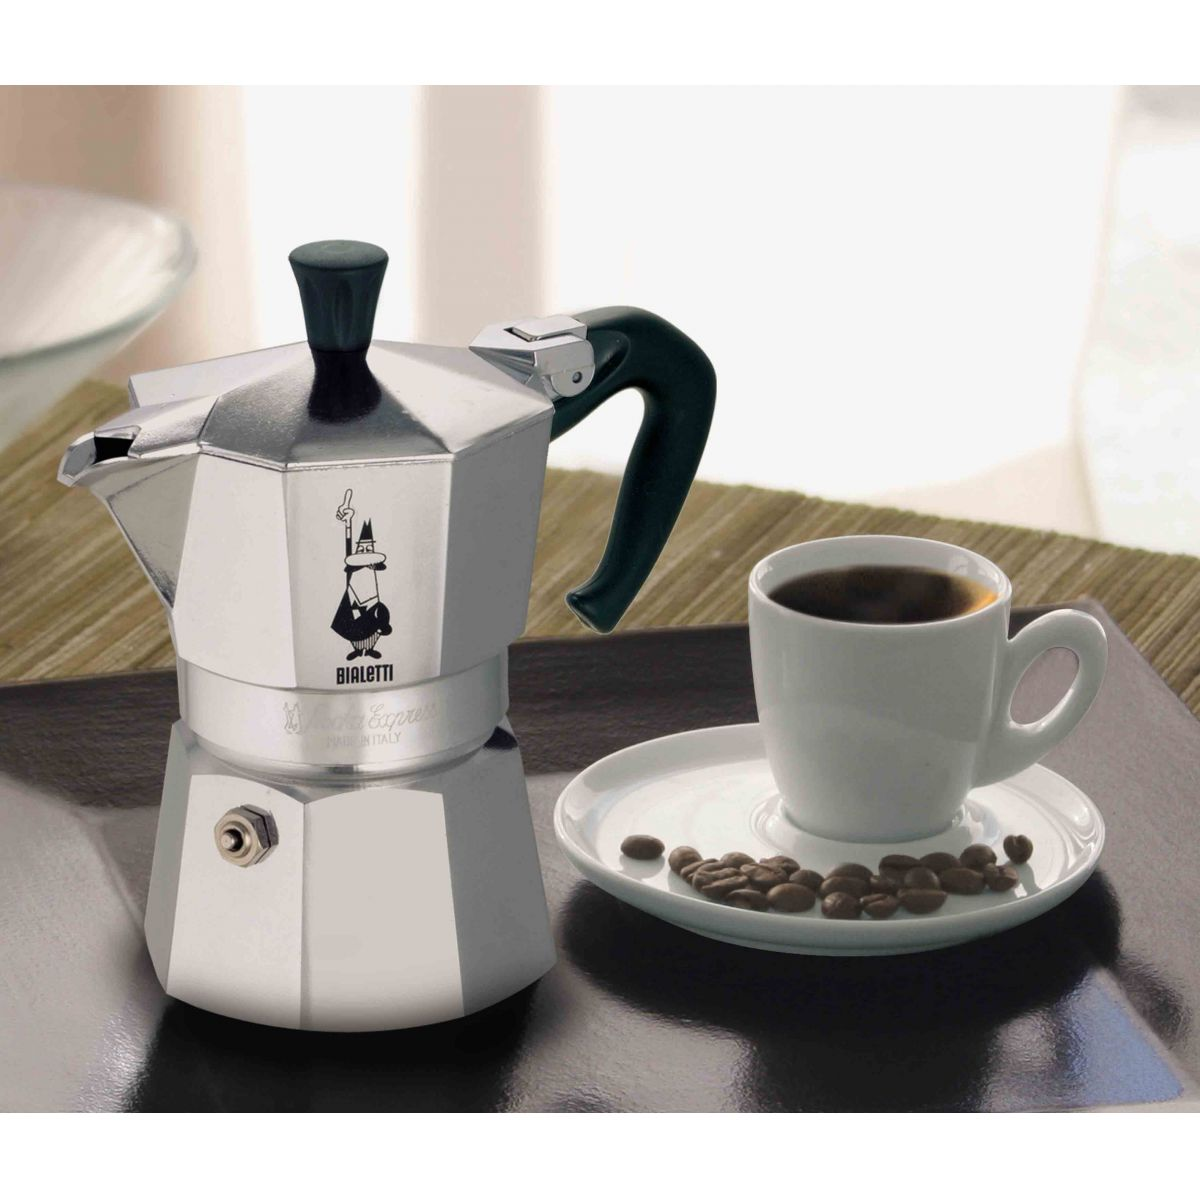 Cafeteira Bialetti Nuova Moka Express 3 Xícaras produz café tipo expresso em minutos